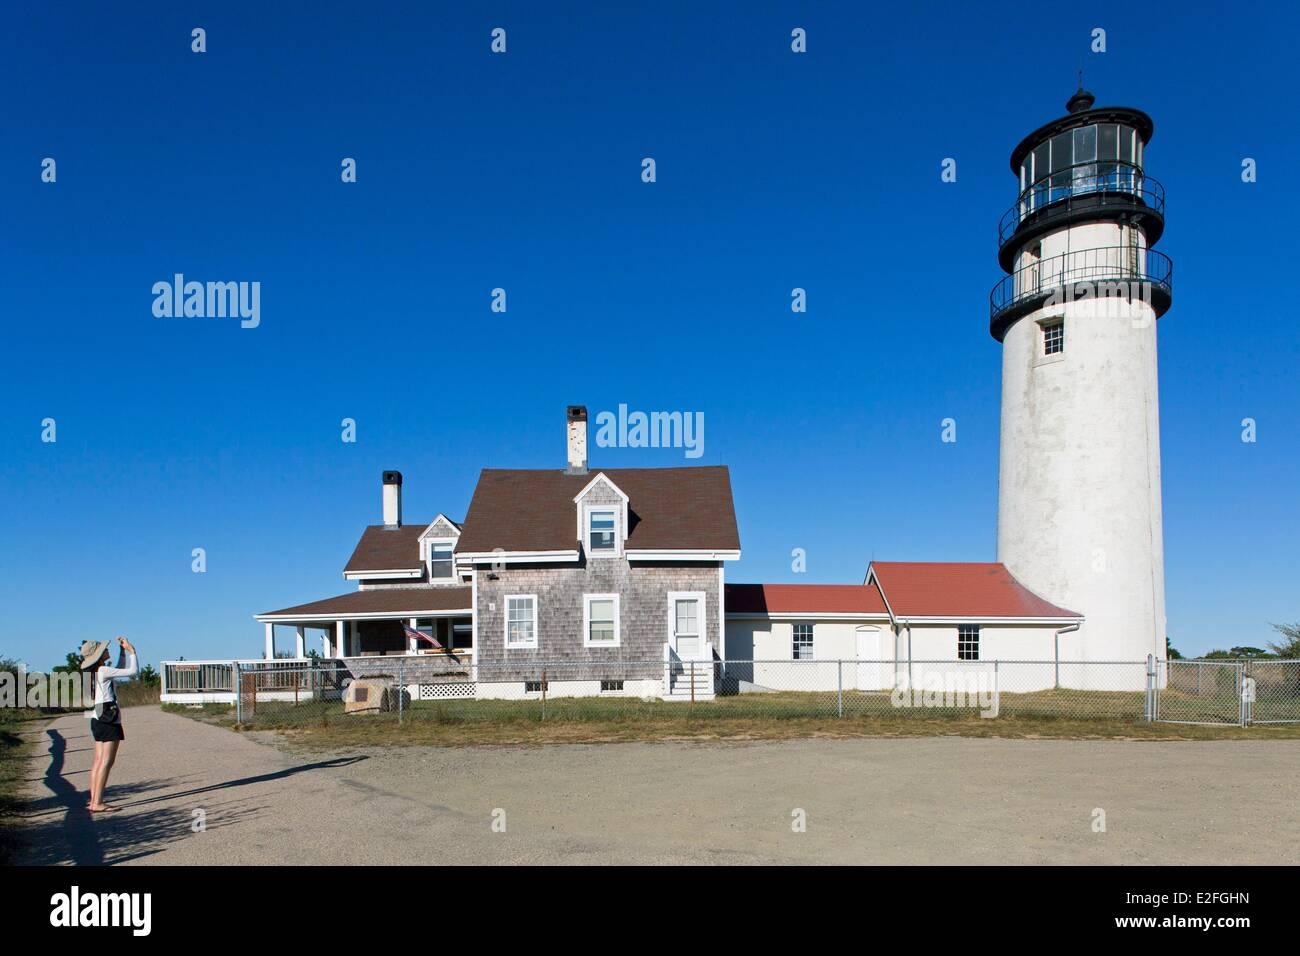 United States, Massachusetts, Cape Cod, Truro, Highland Lighthouse - Stock Image